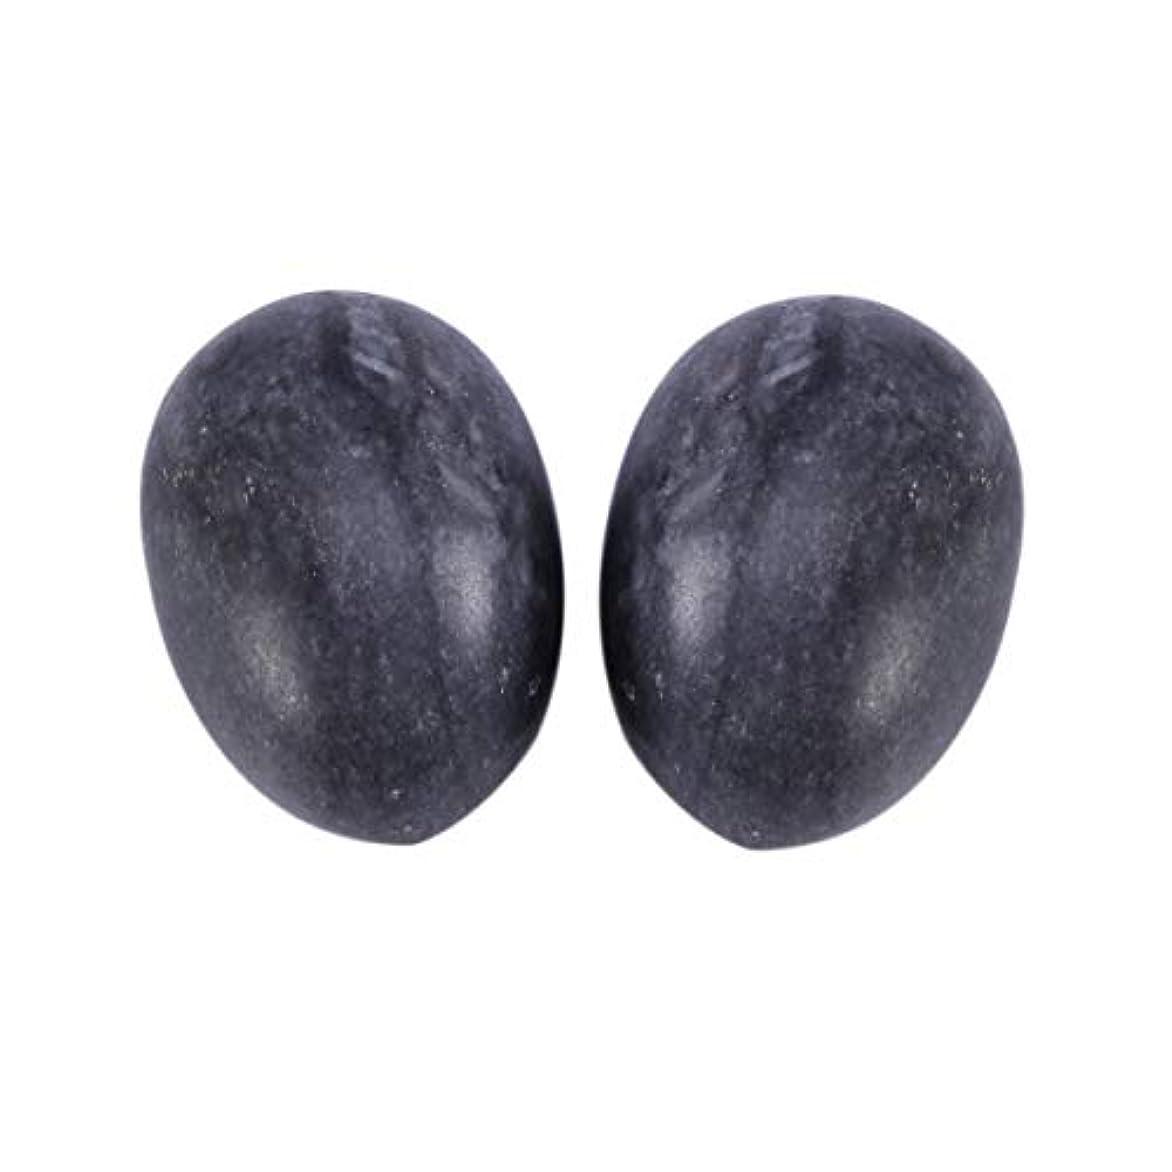 概して北米花に水をやるHealifty 6PCS翡翠Yoni卵マッサージ癒しの石のケゲル運動骨盤底筋運動(黒)